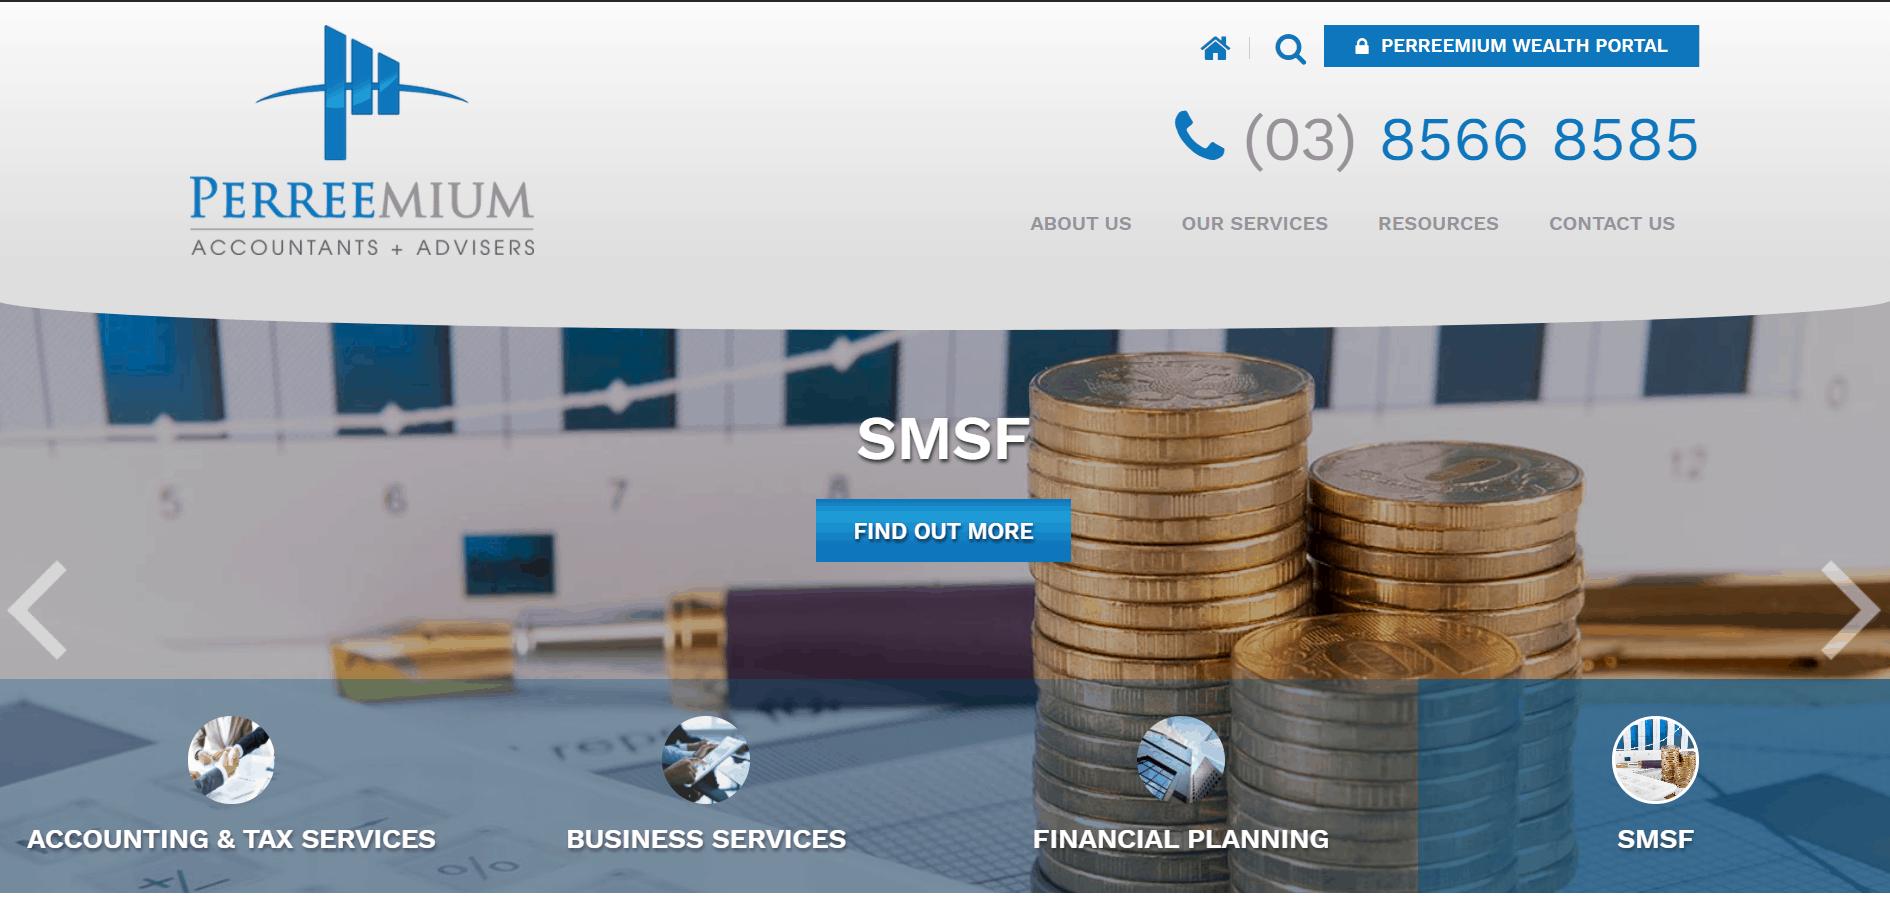 Perreemium Wealth Portal